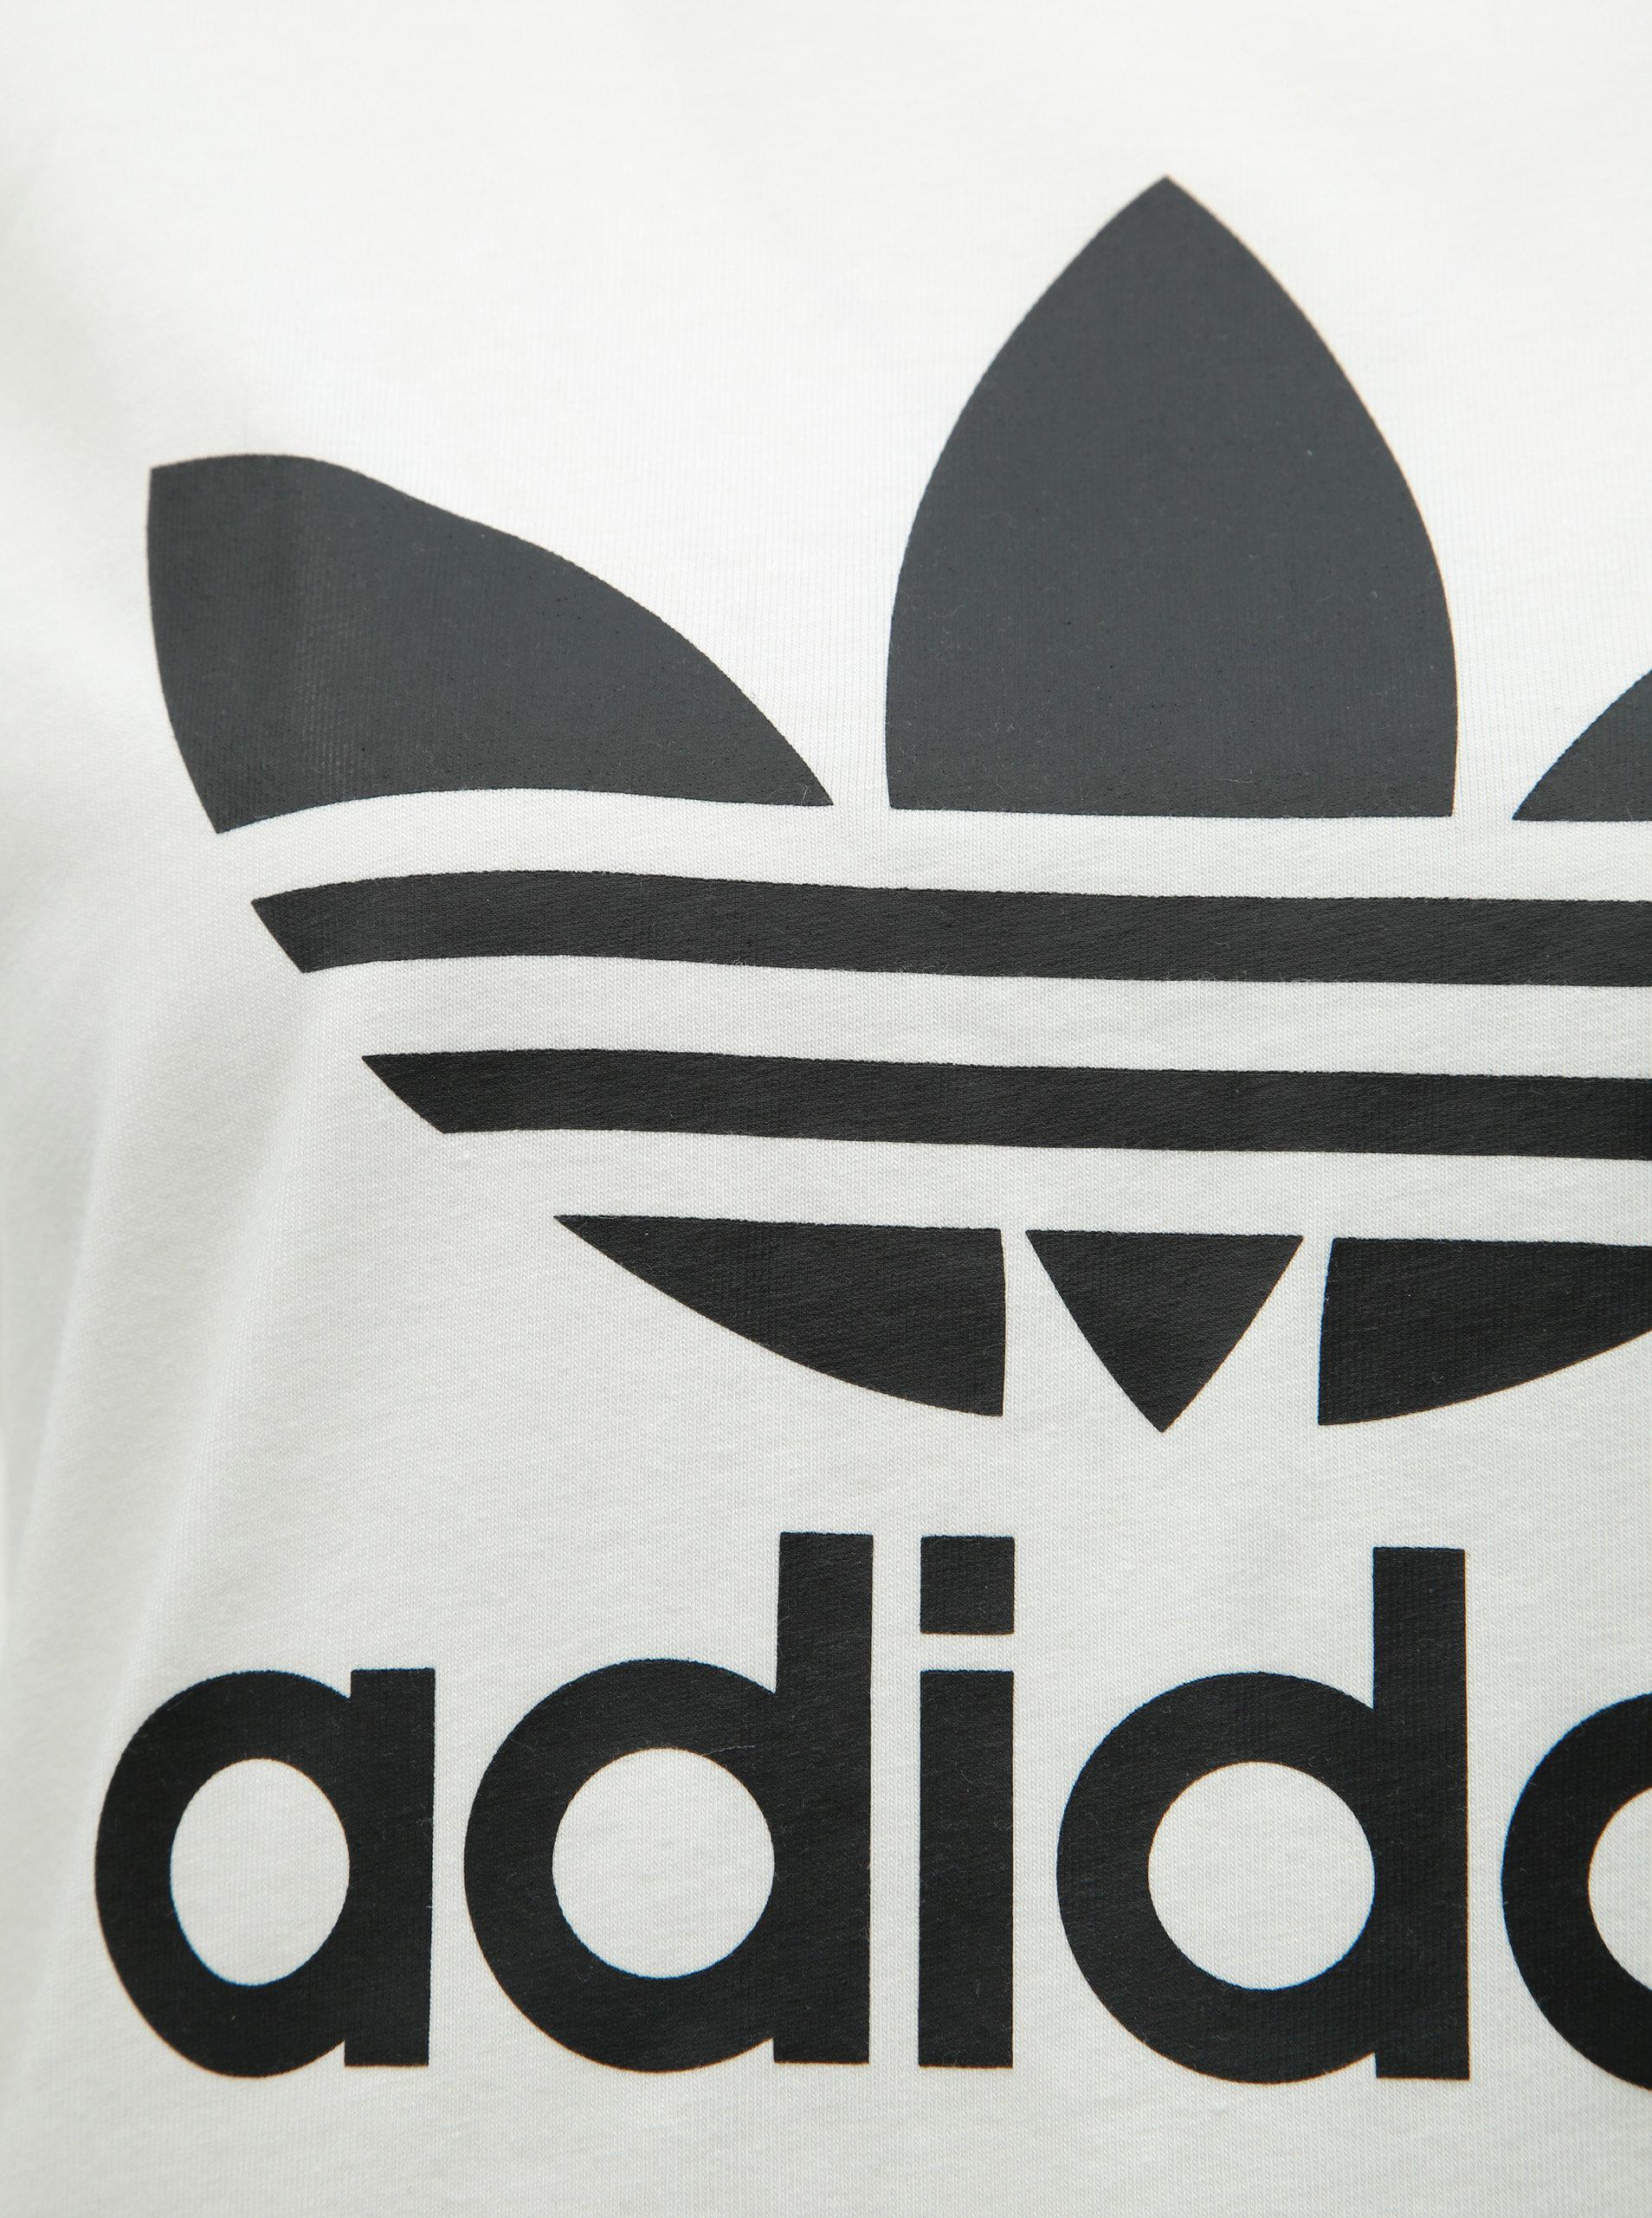 b2e4509e3 Biele dámske tričko s potlačou adidas Originals Trefioil ...